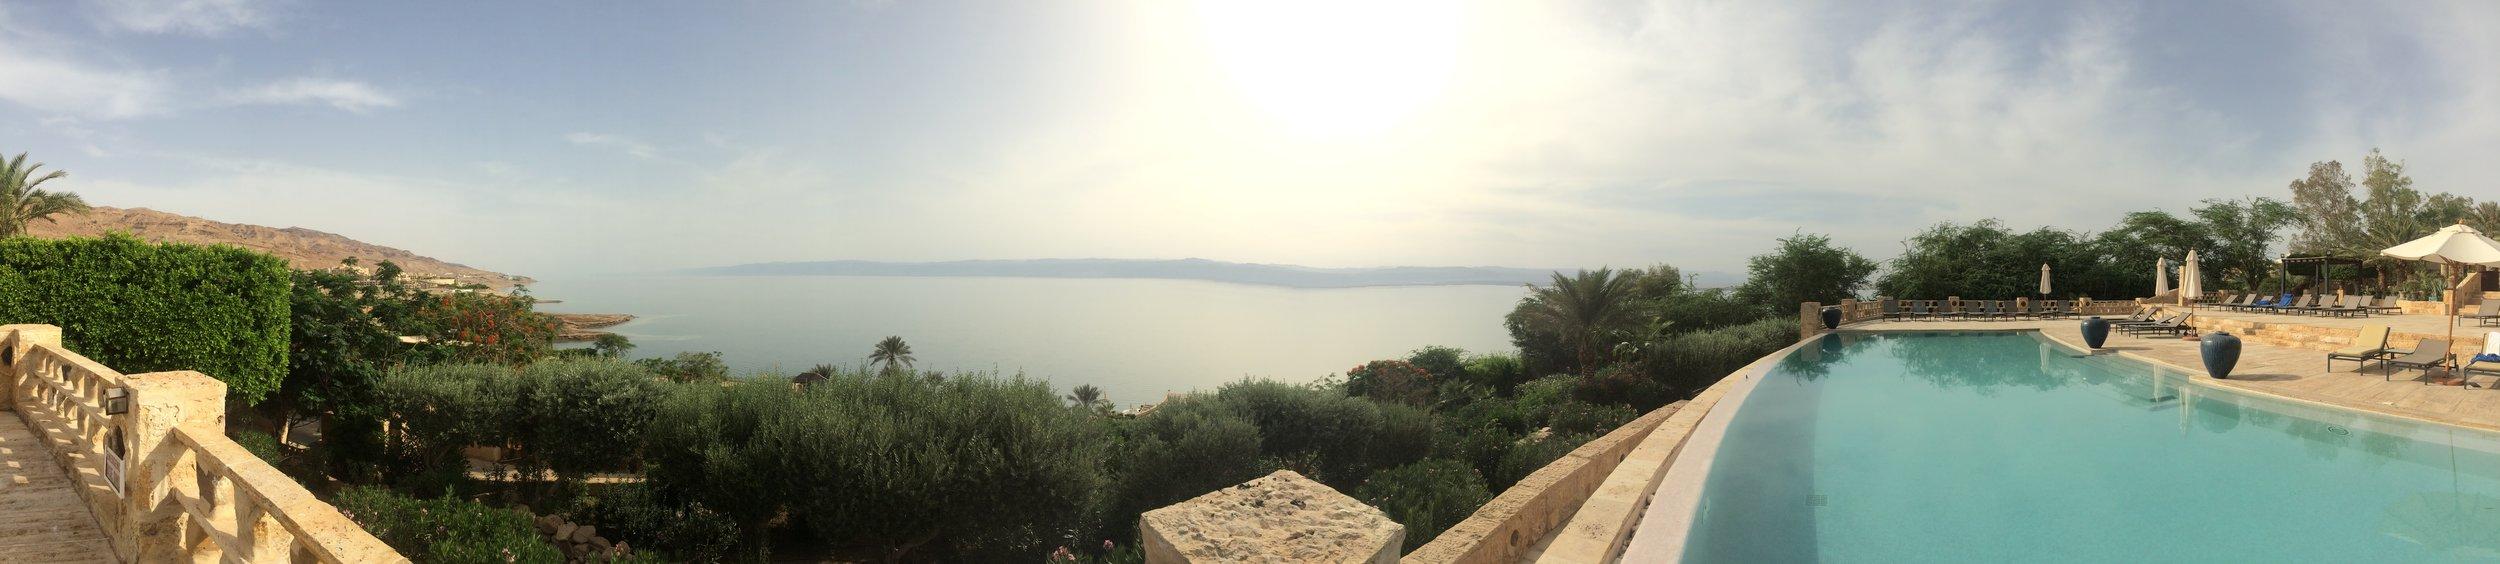 Dead Sea Spa Pano.JPG